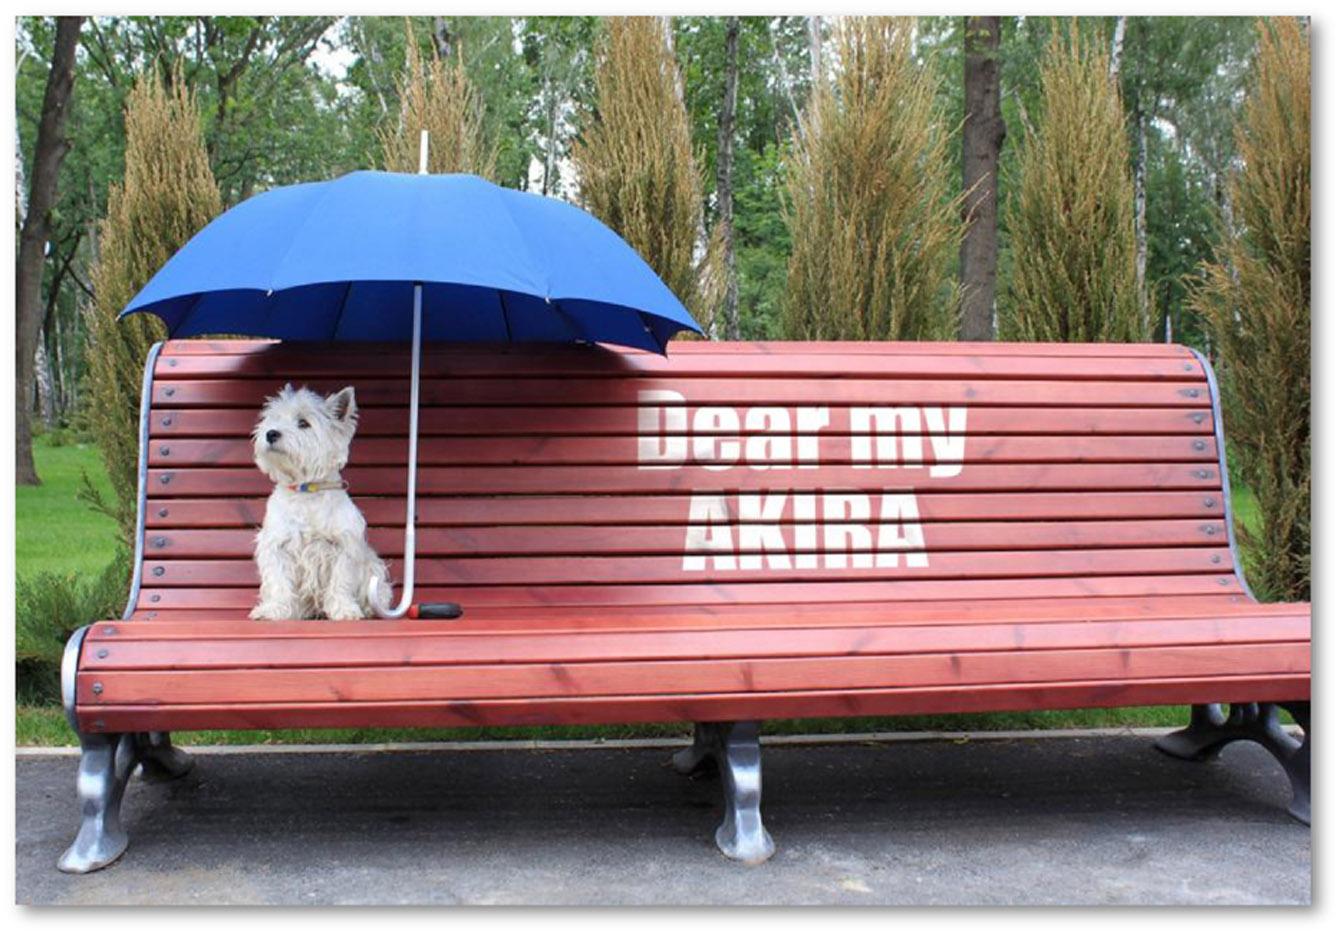 「傘と犬」をモチーフにしたカード。ベンチに書かれたペンキの文字を自由に変えることができる。